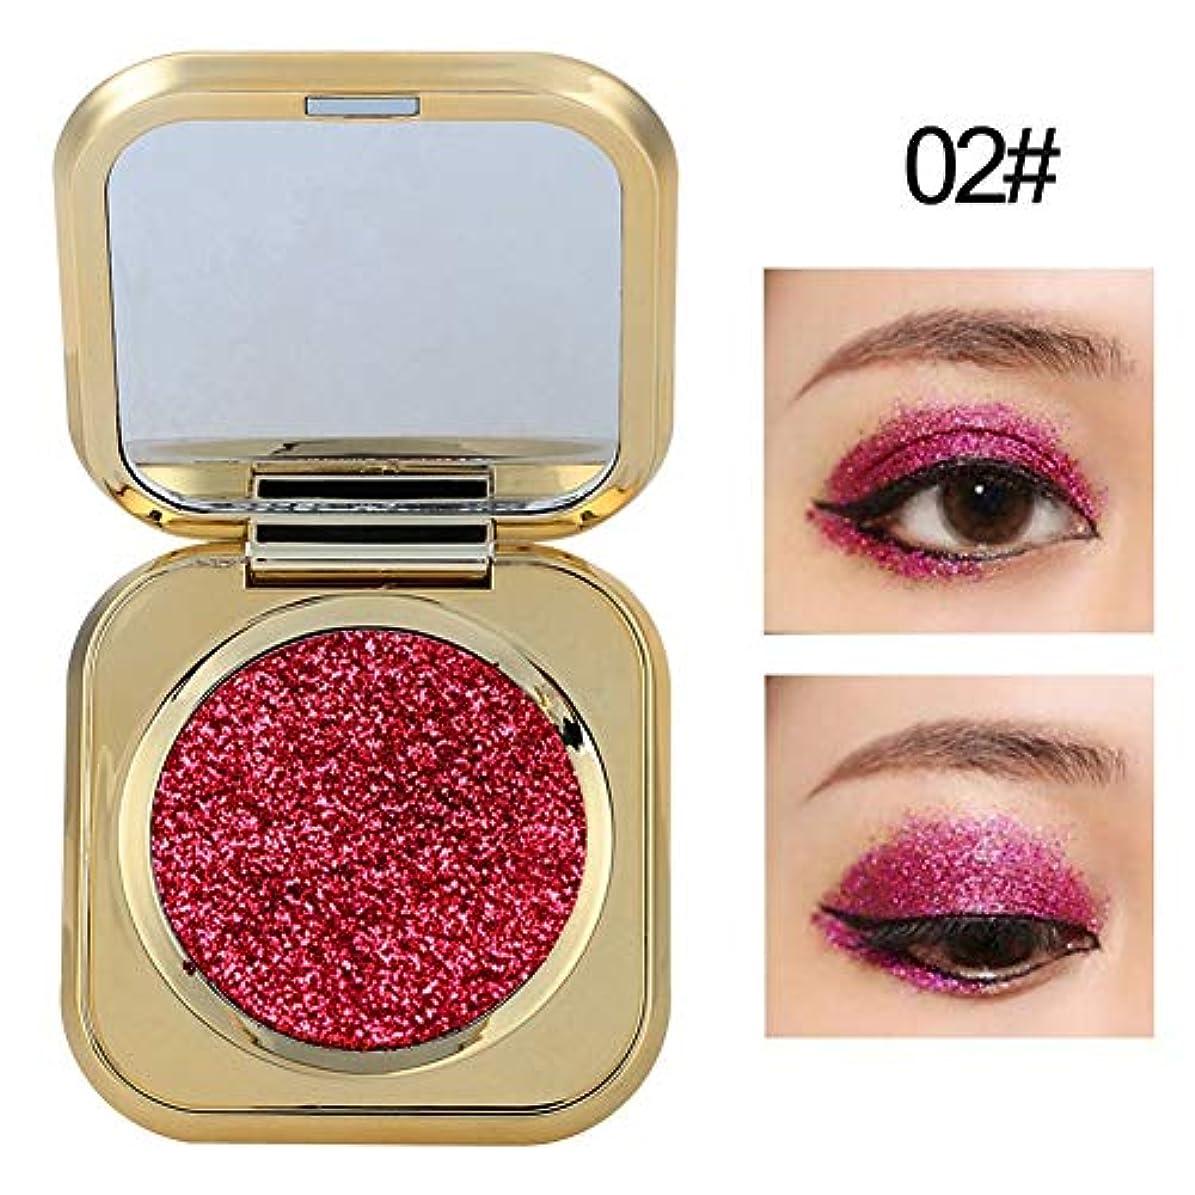 6色アイシャドウパレット アイシャドウパレット 化粧マット グロス アイシャドウパウダー 化粧品ツール (02)